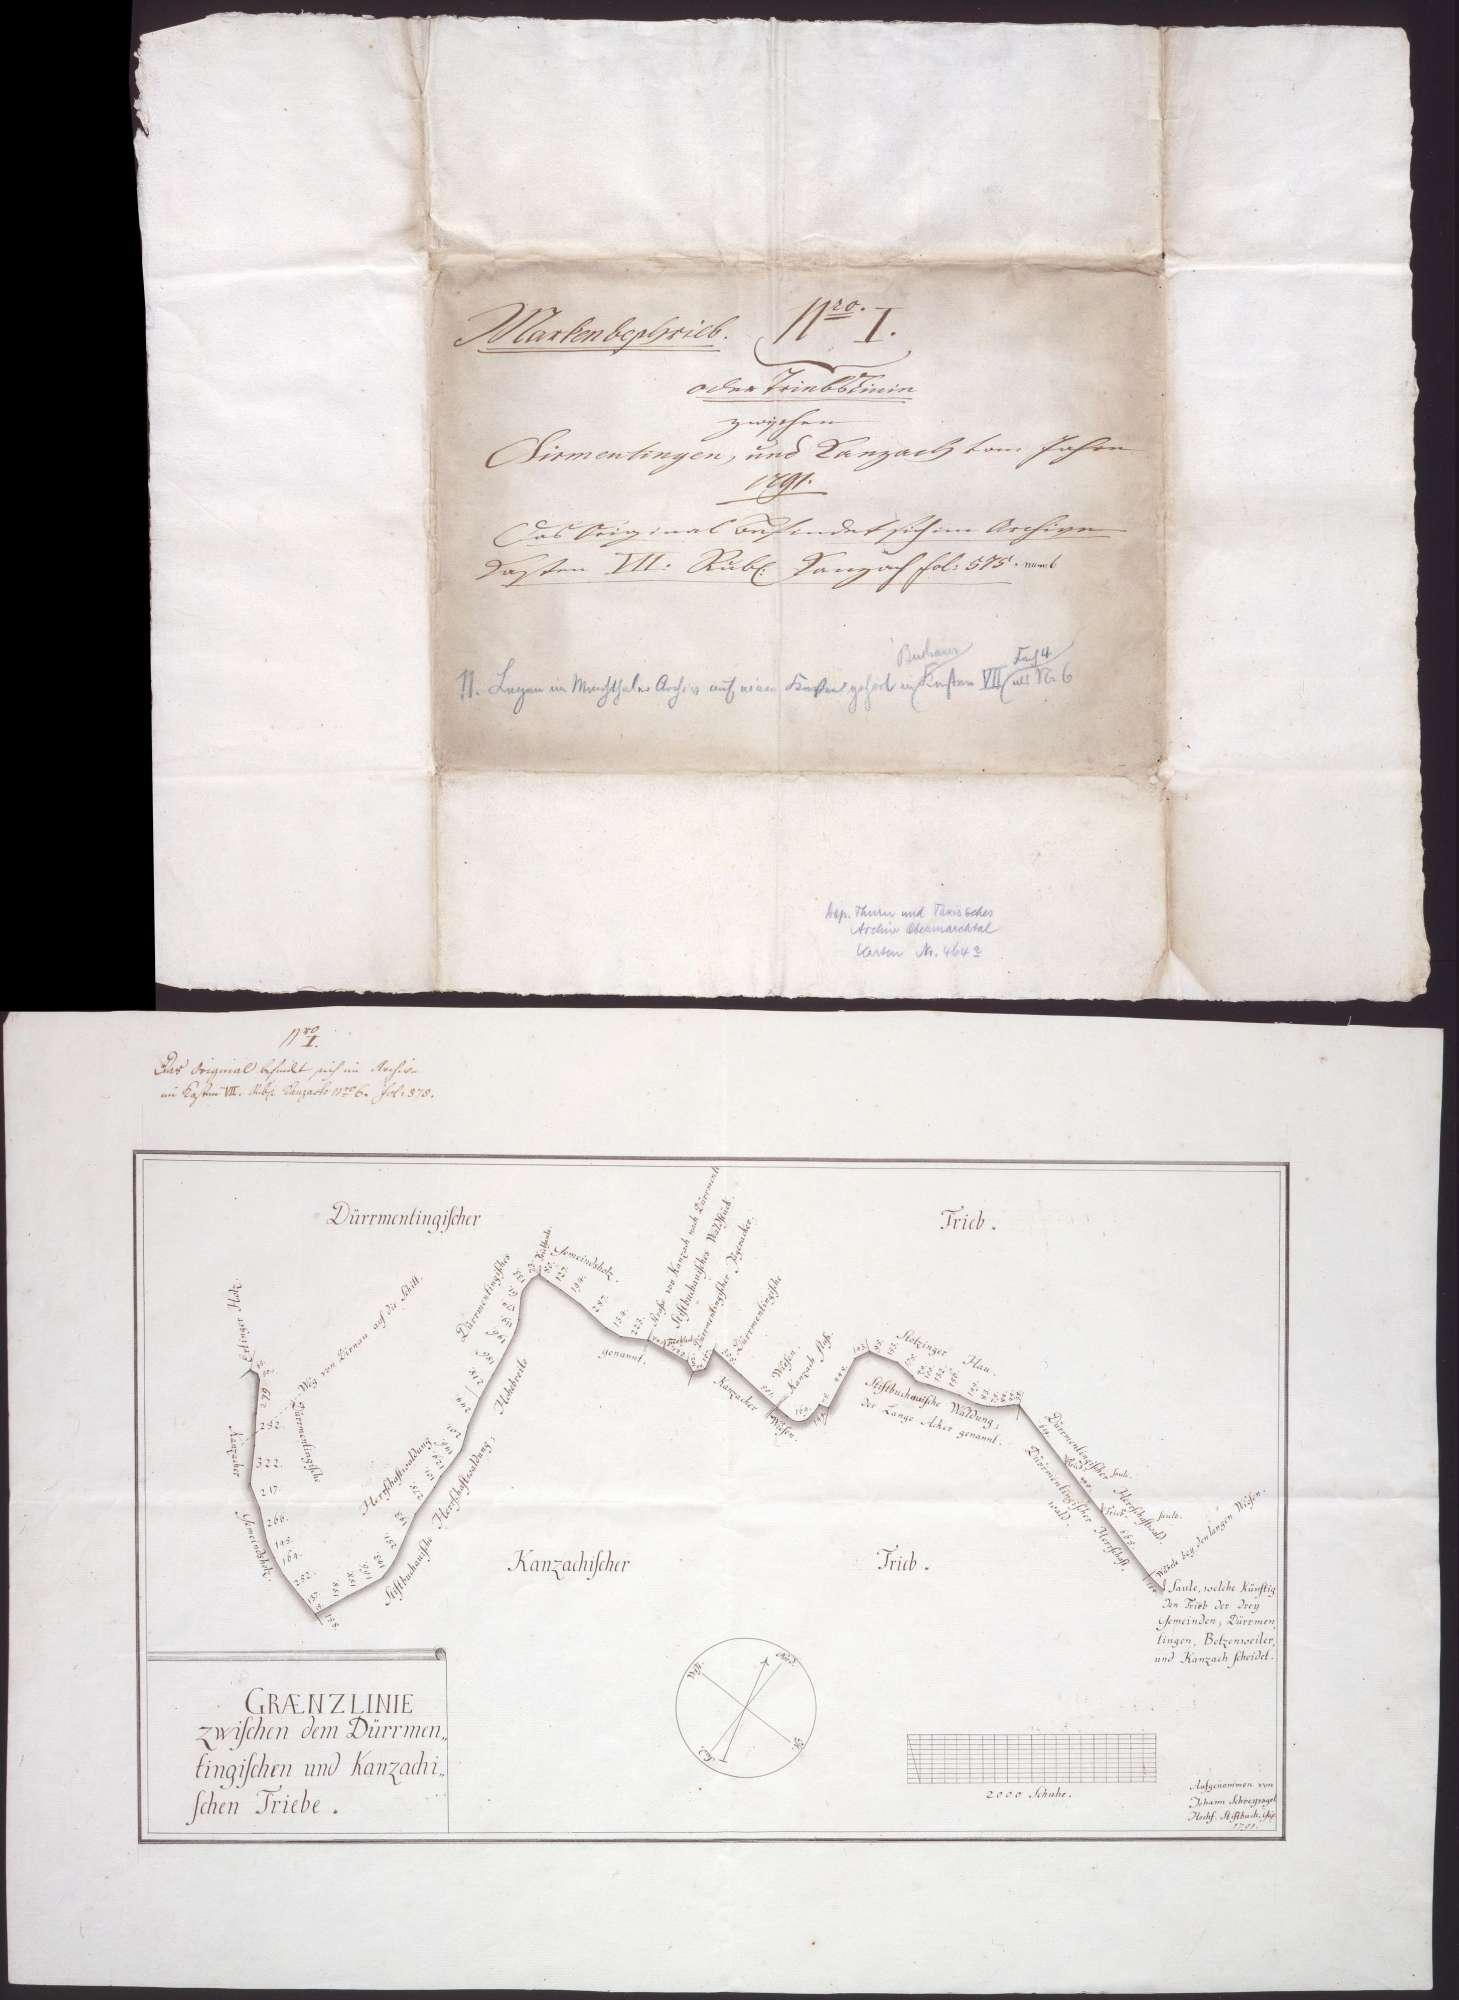 Grenzlinie zwischen dem Dürmentingischen und dem Kanzachischen Triebe Maßstab ca. 1 : 5000 Zeichner: Johann Schreyvogel col. handgez., Bild 1